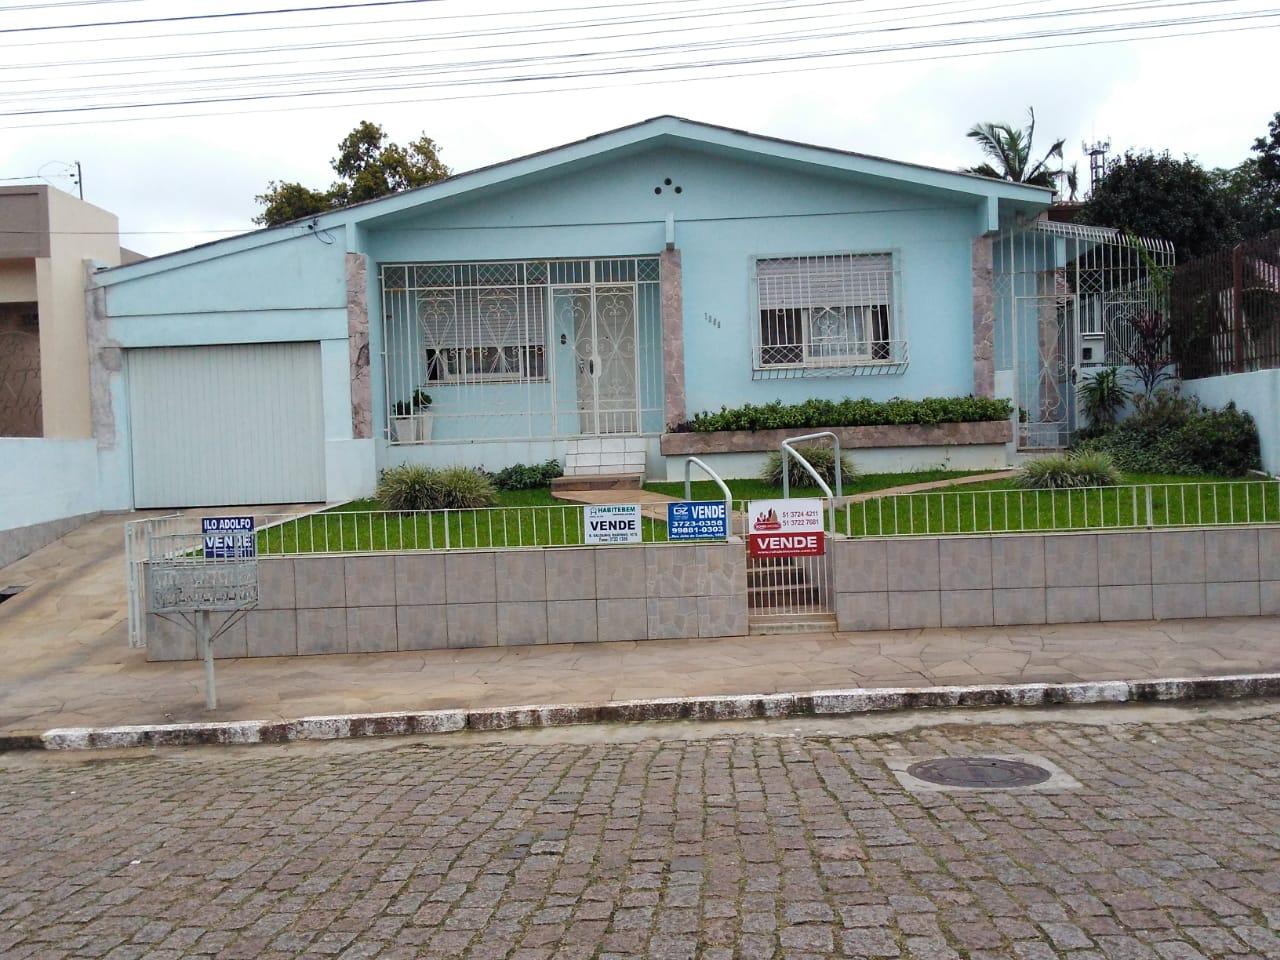 Casa de primeira no centro – Venda